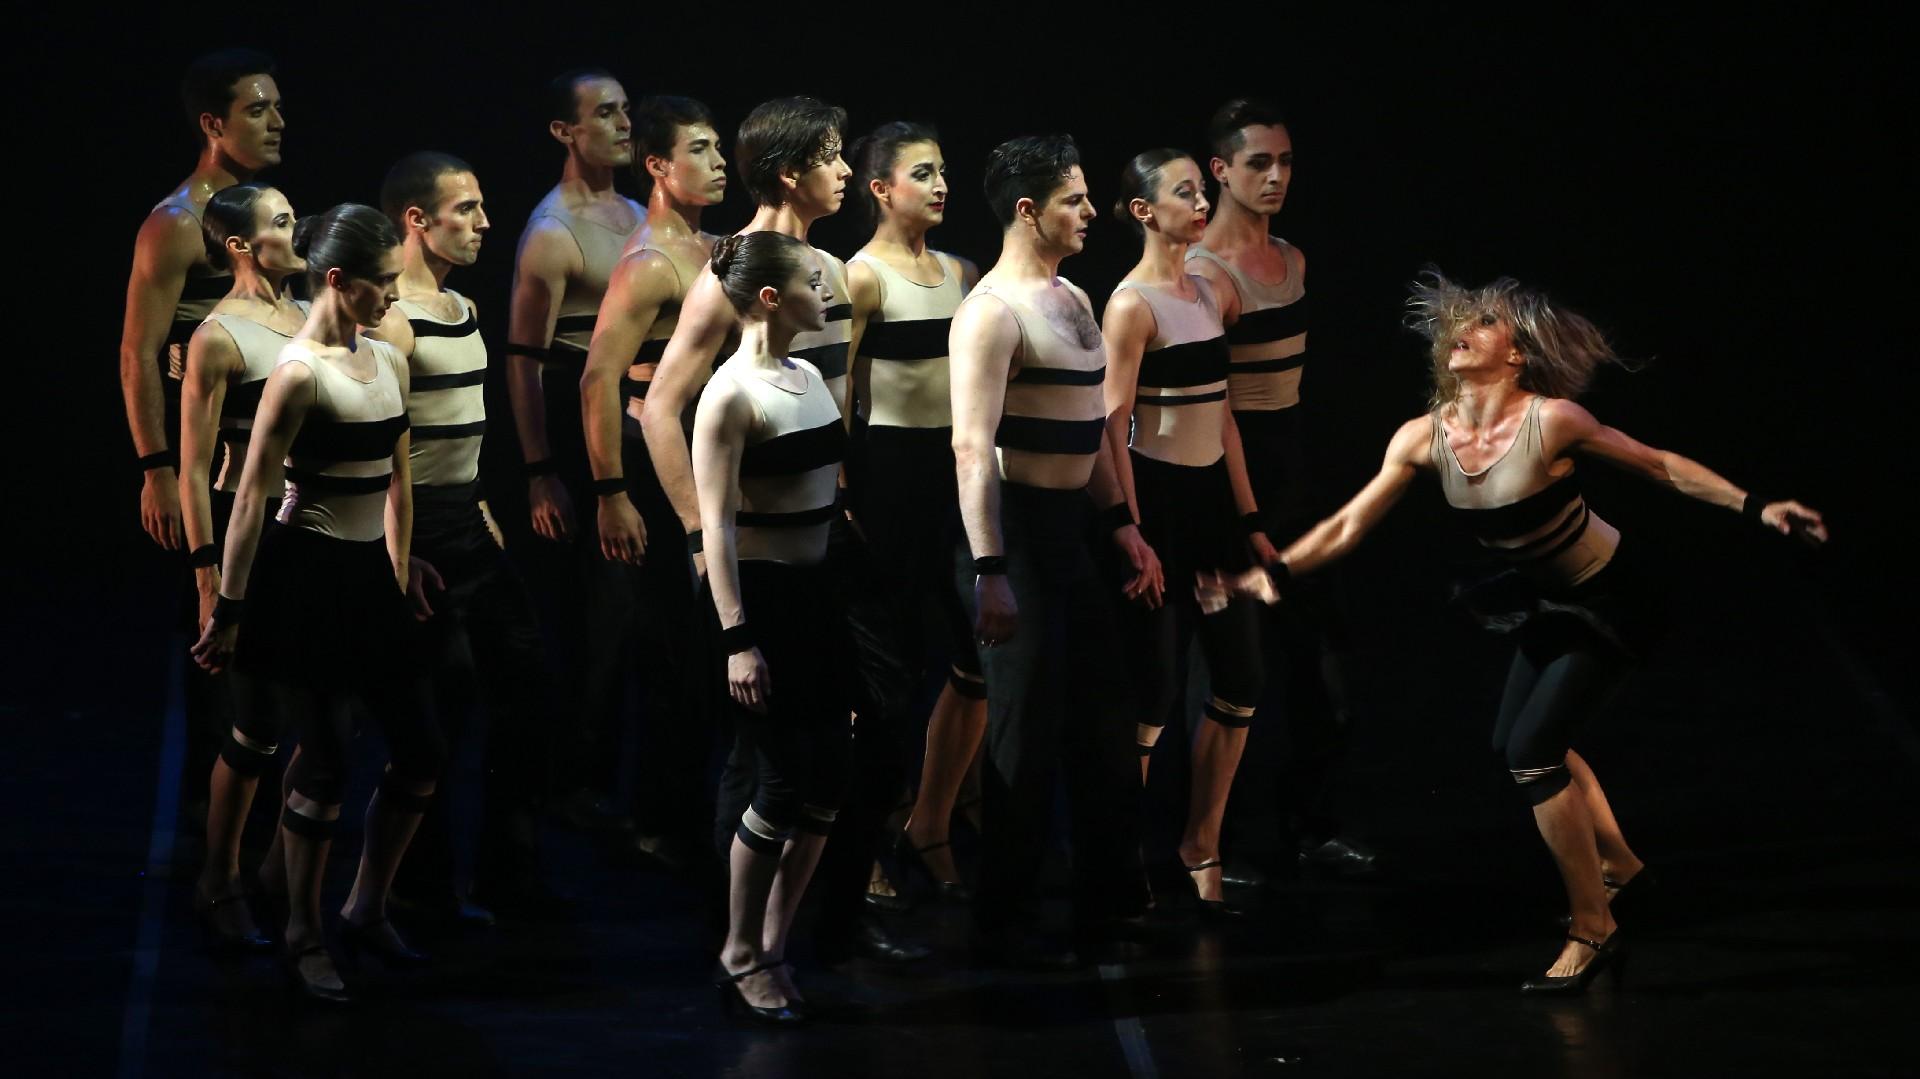 """Reconocido internacionalmente, el Ballet Contemporáneo interpretó """"Bolero"""", versión de Ana María Stekelman y dirección de Andrea Chinetti, actual directora del Ballet, inspiradas en la notable creación de Ravel"""